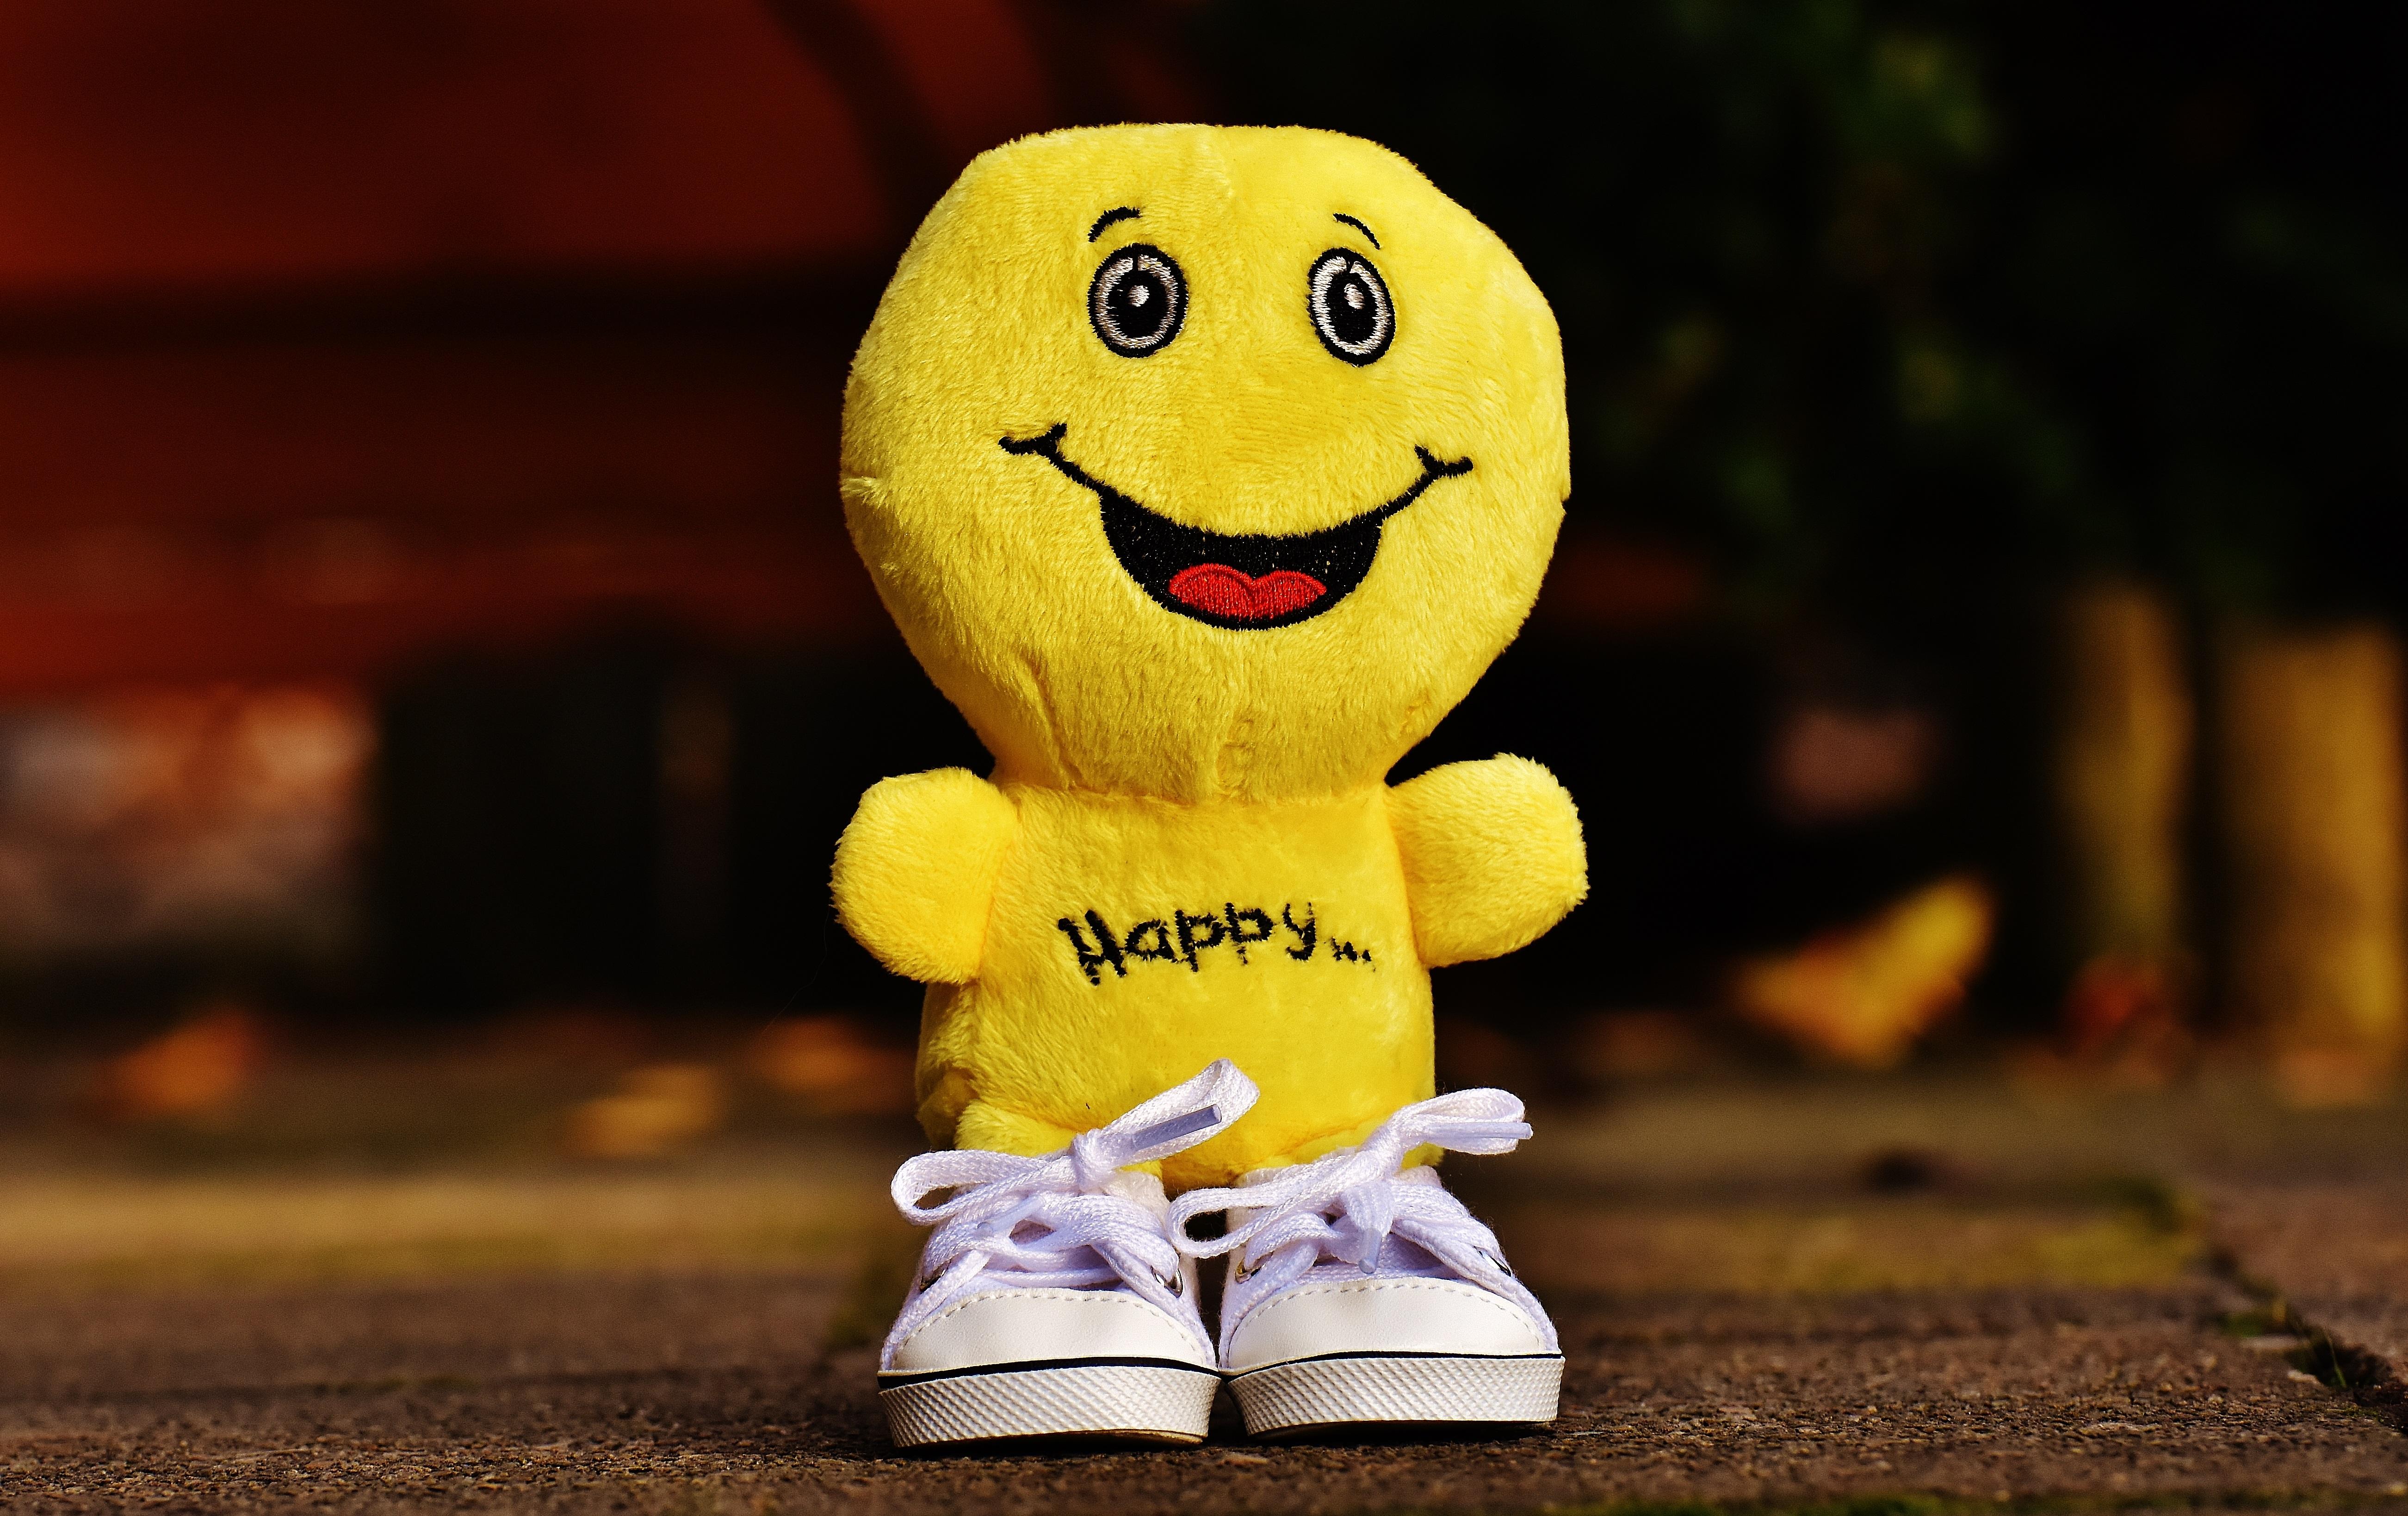 138645 Hintergrundbild herunterladen Sonstige, Spielzeug, Verschiedenes, Lächeln, Glück, Emoticon, Smiley - Bildschirmschoner und Bilder kostenlos